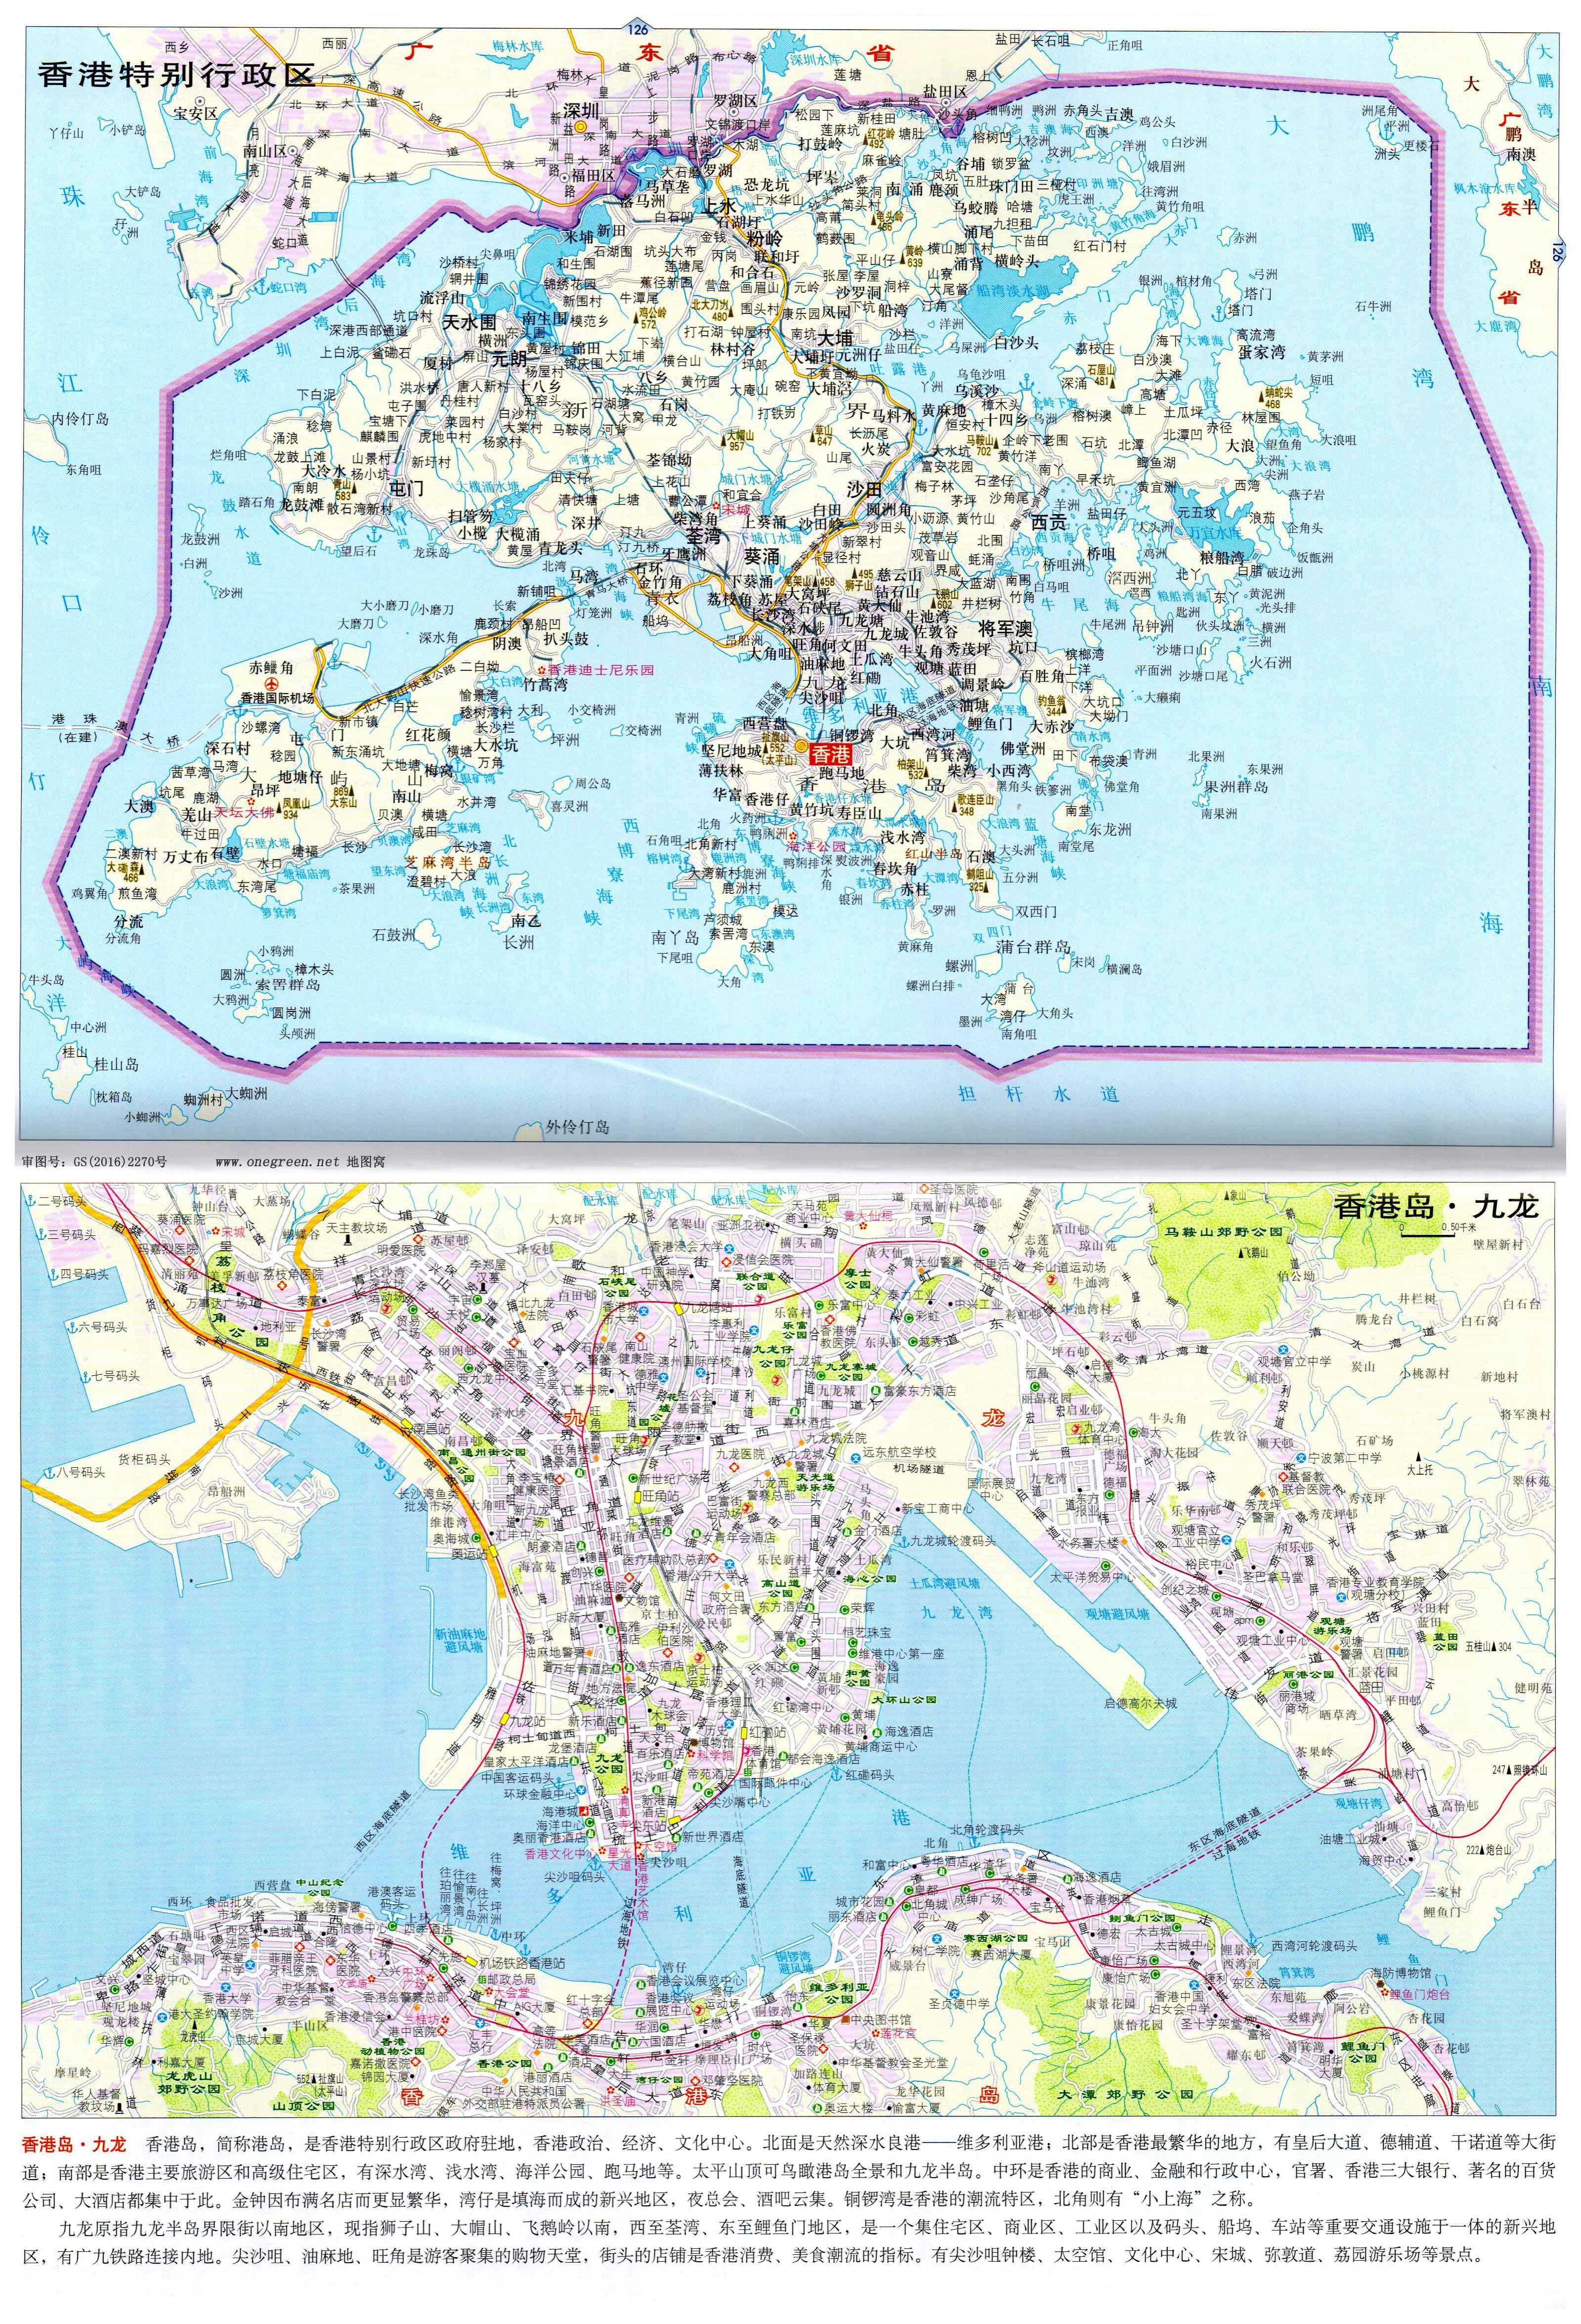 香港市区地图全图高清版 地图窝